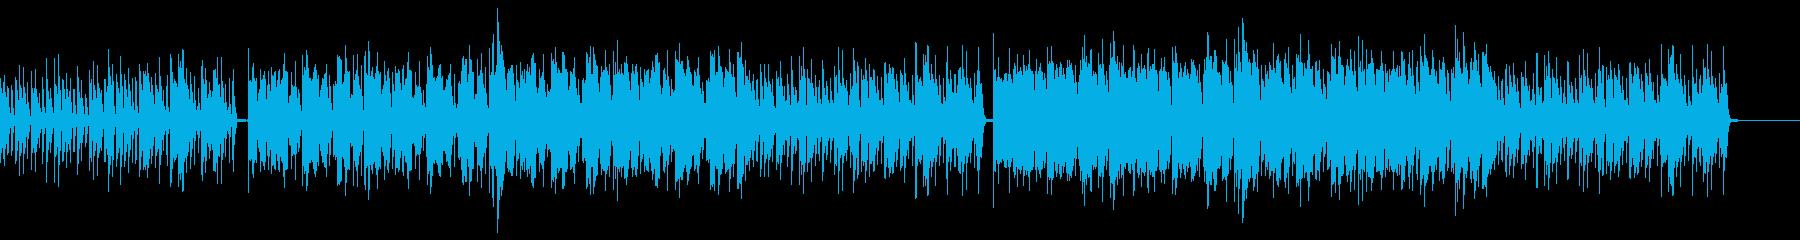 クールなダブステップの再生済みの波形